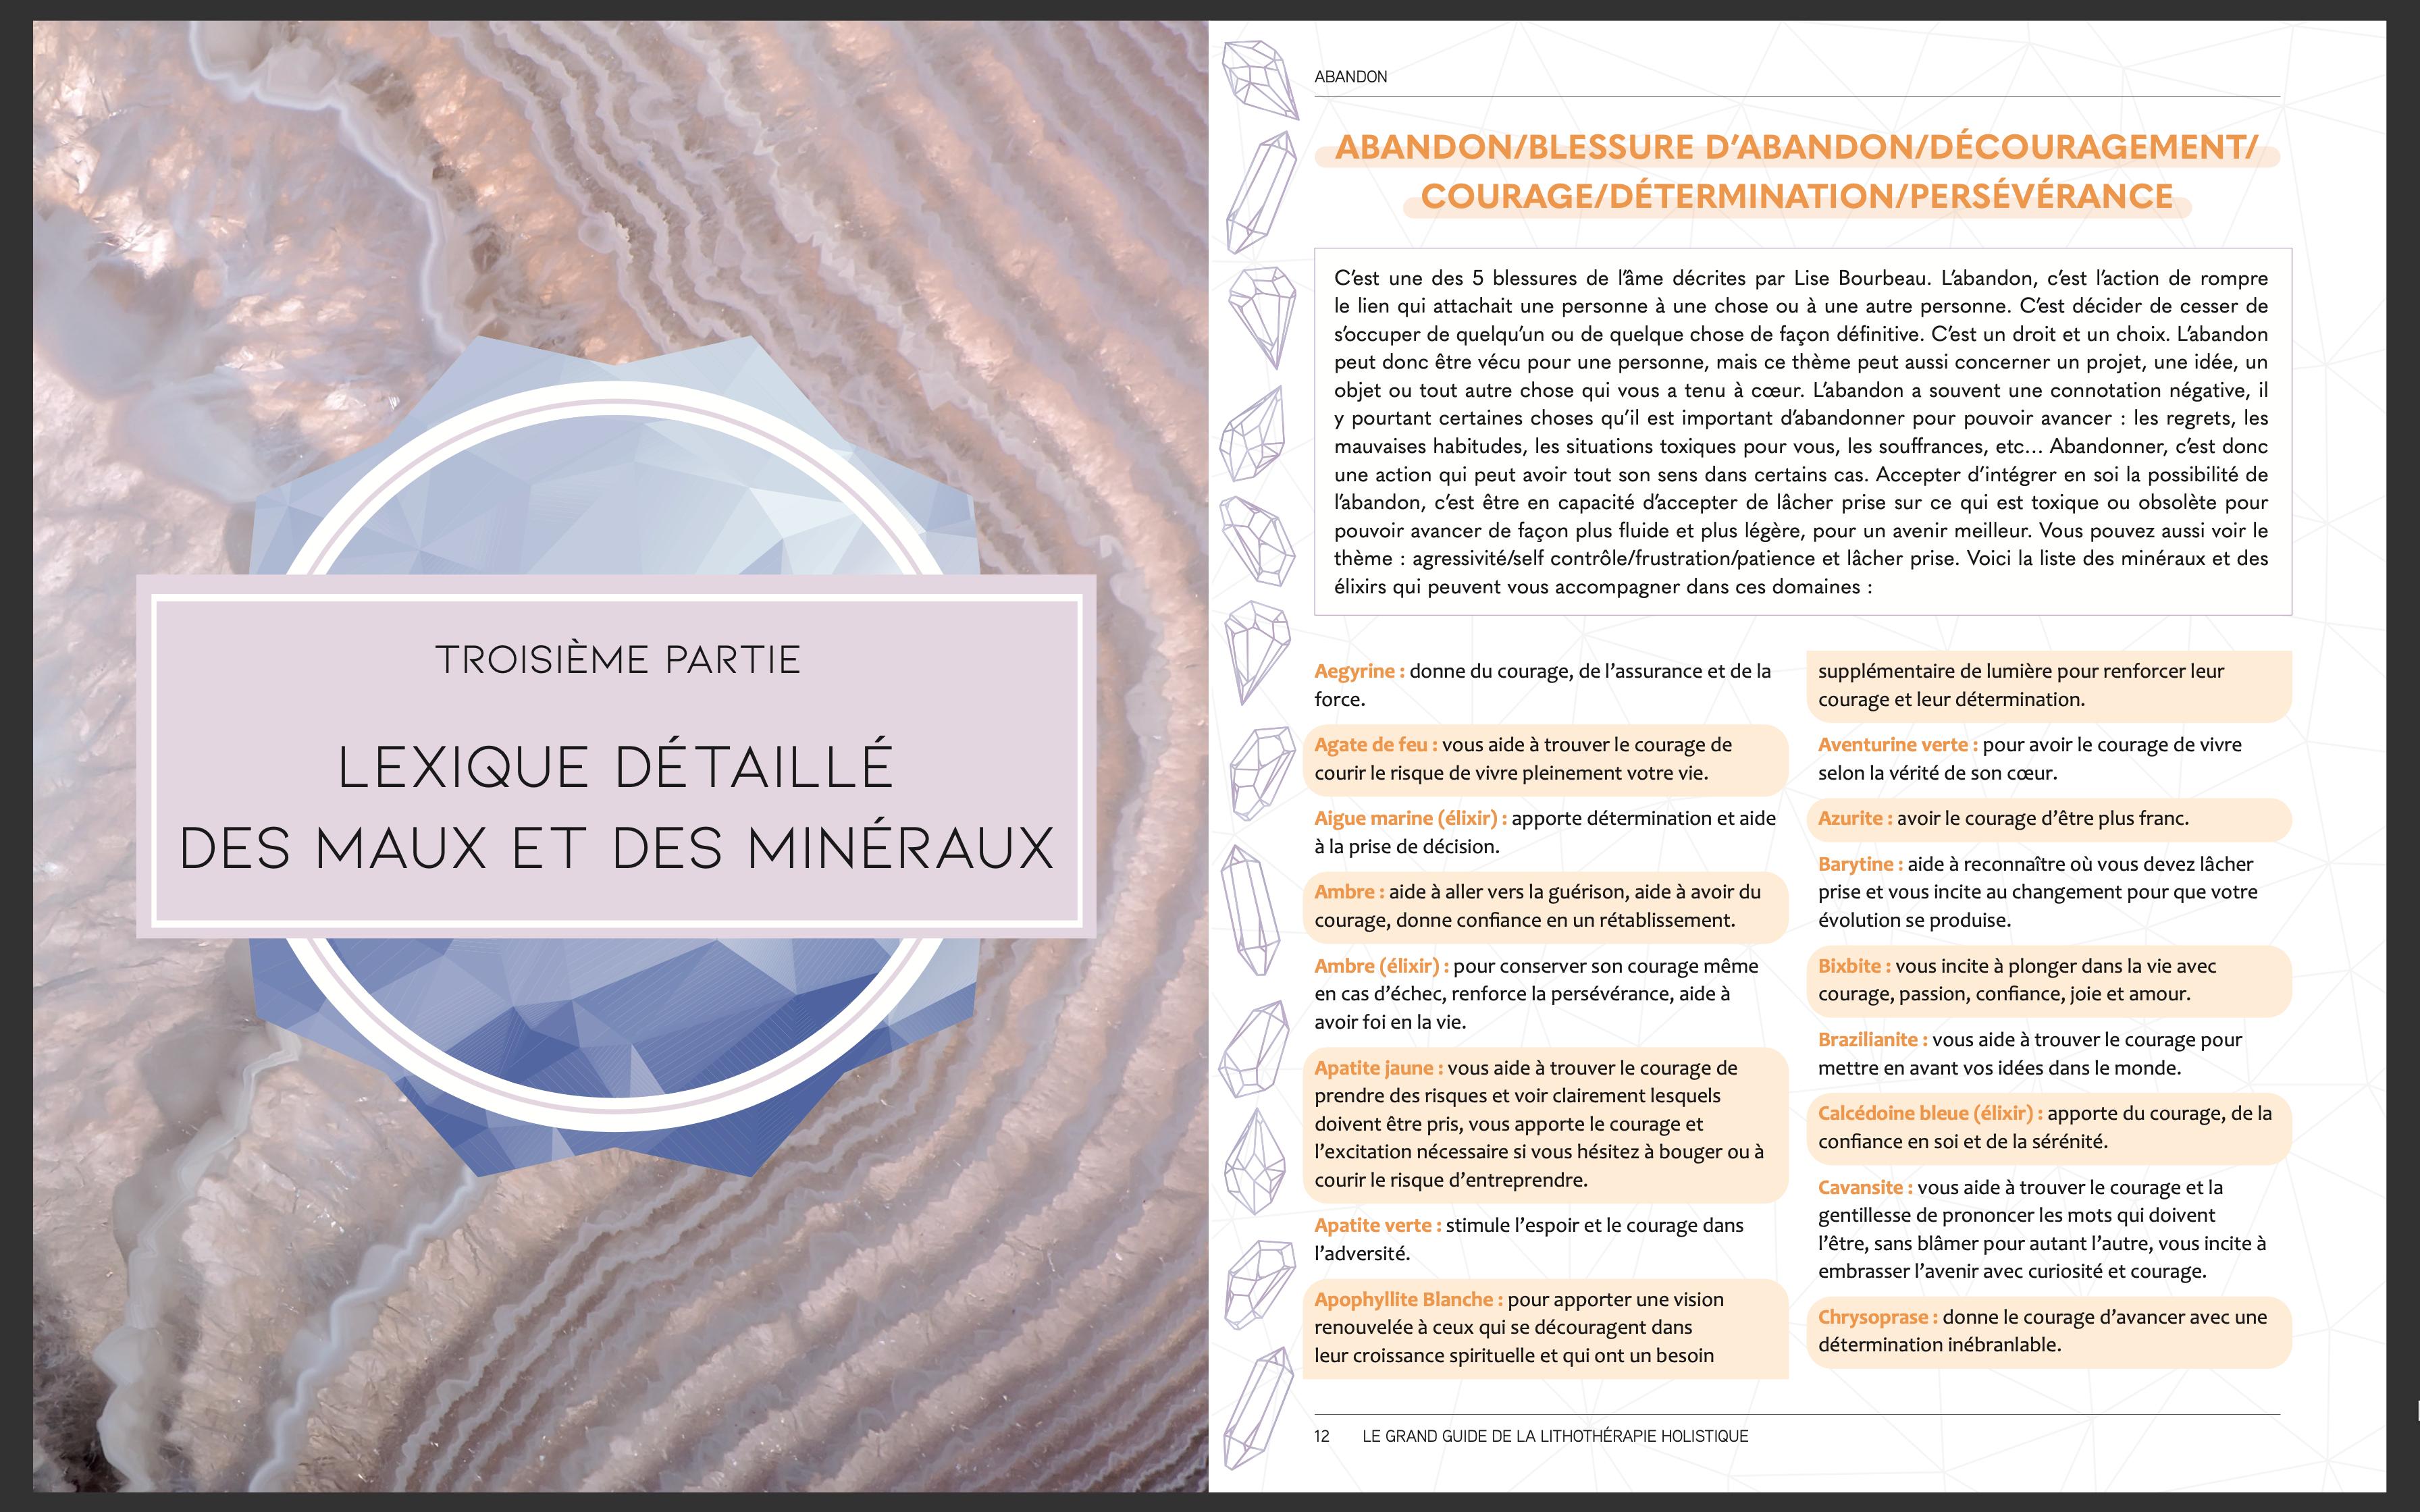 Lexique détaillé des pierres et des minéraux